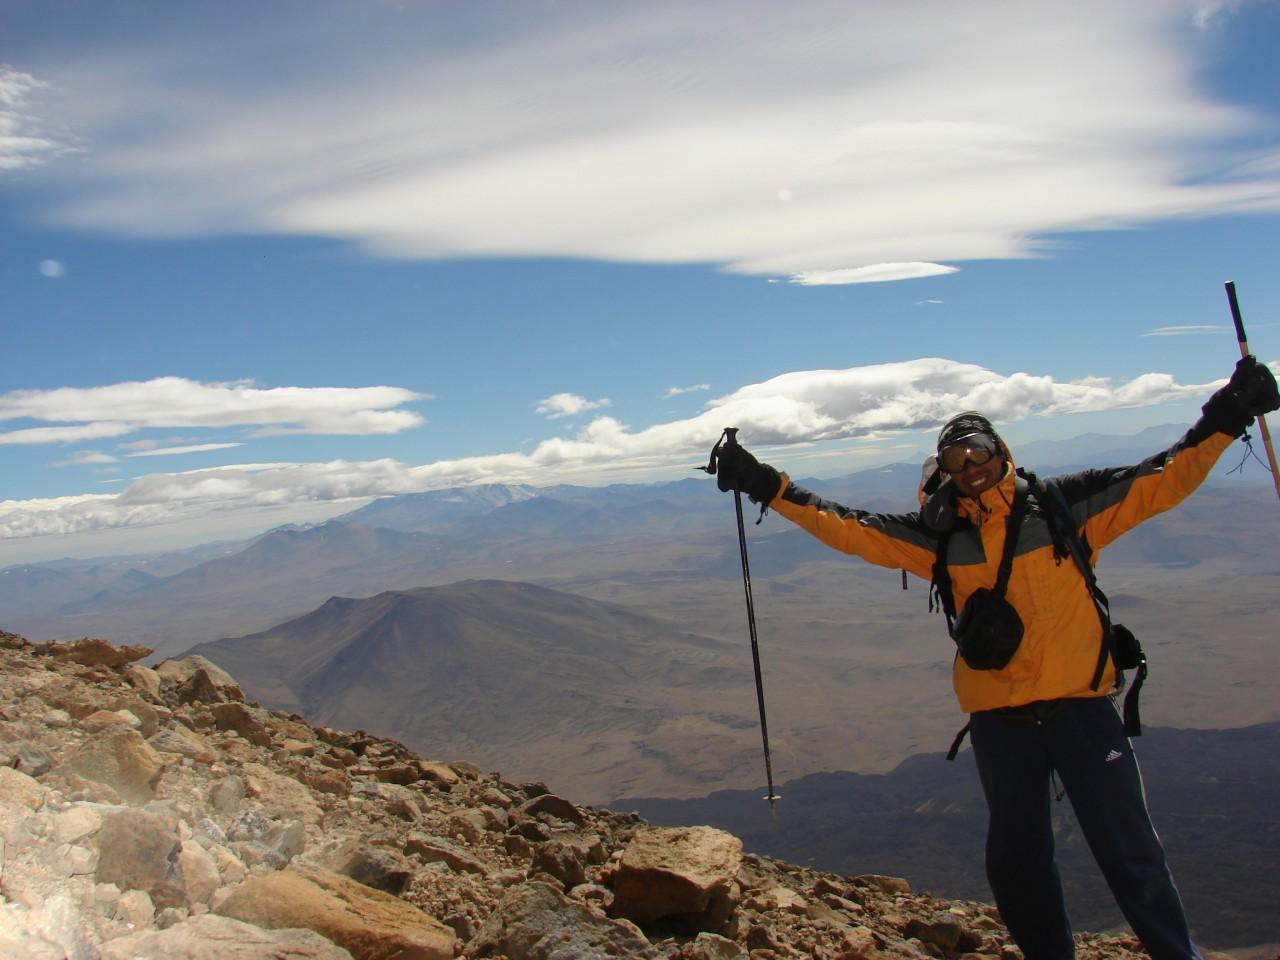 Ascenso al volcán Tromen. Fotografía de John Macaya guía de montaña